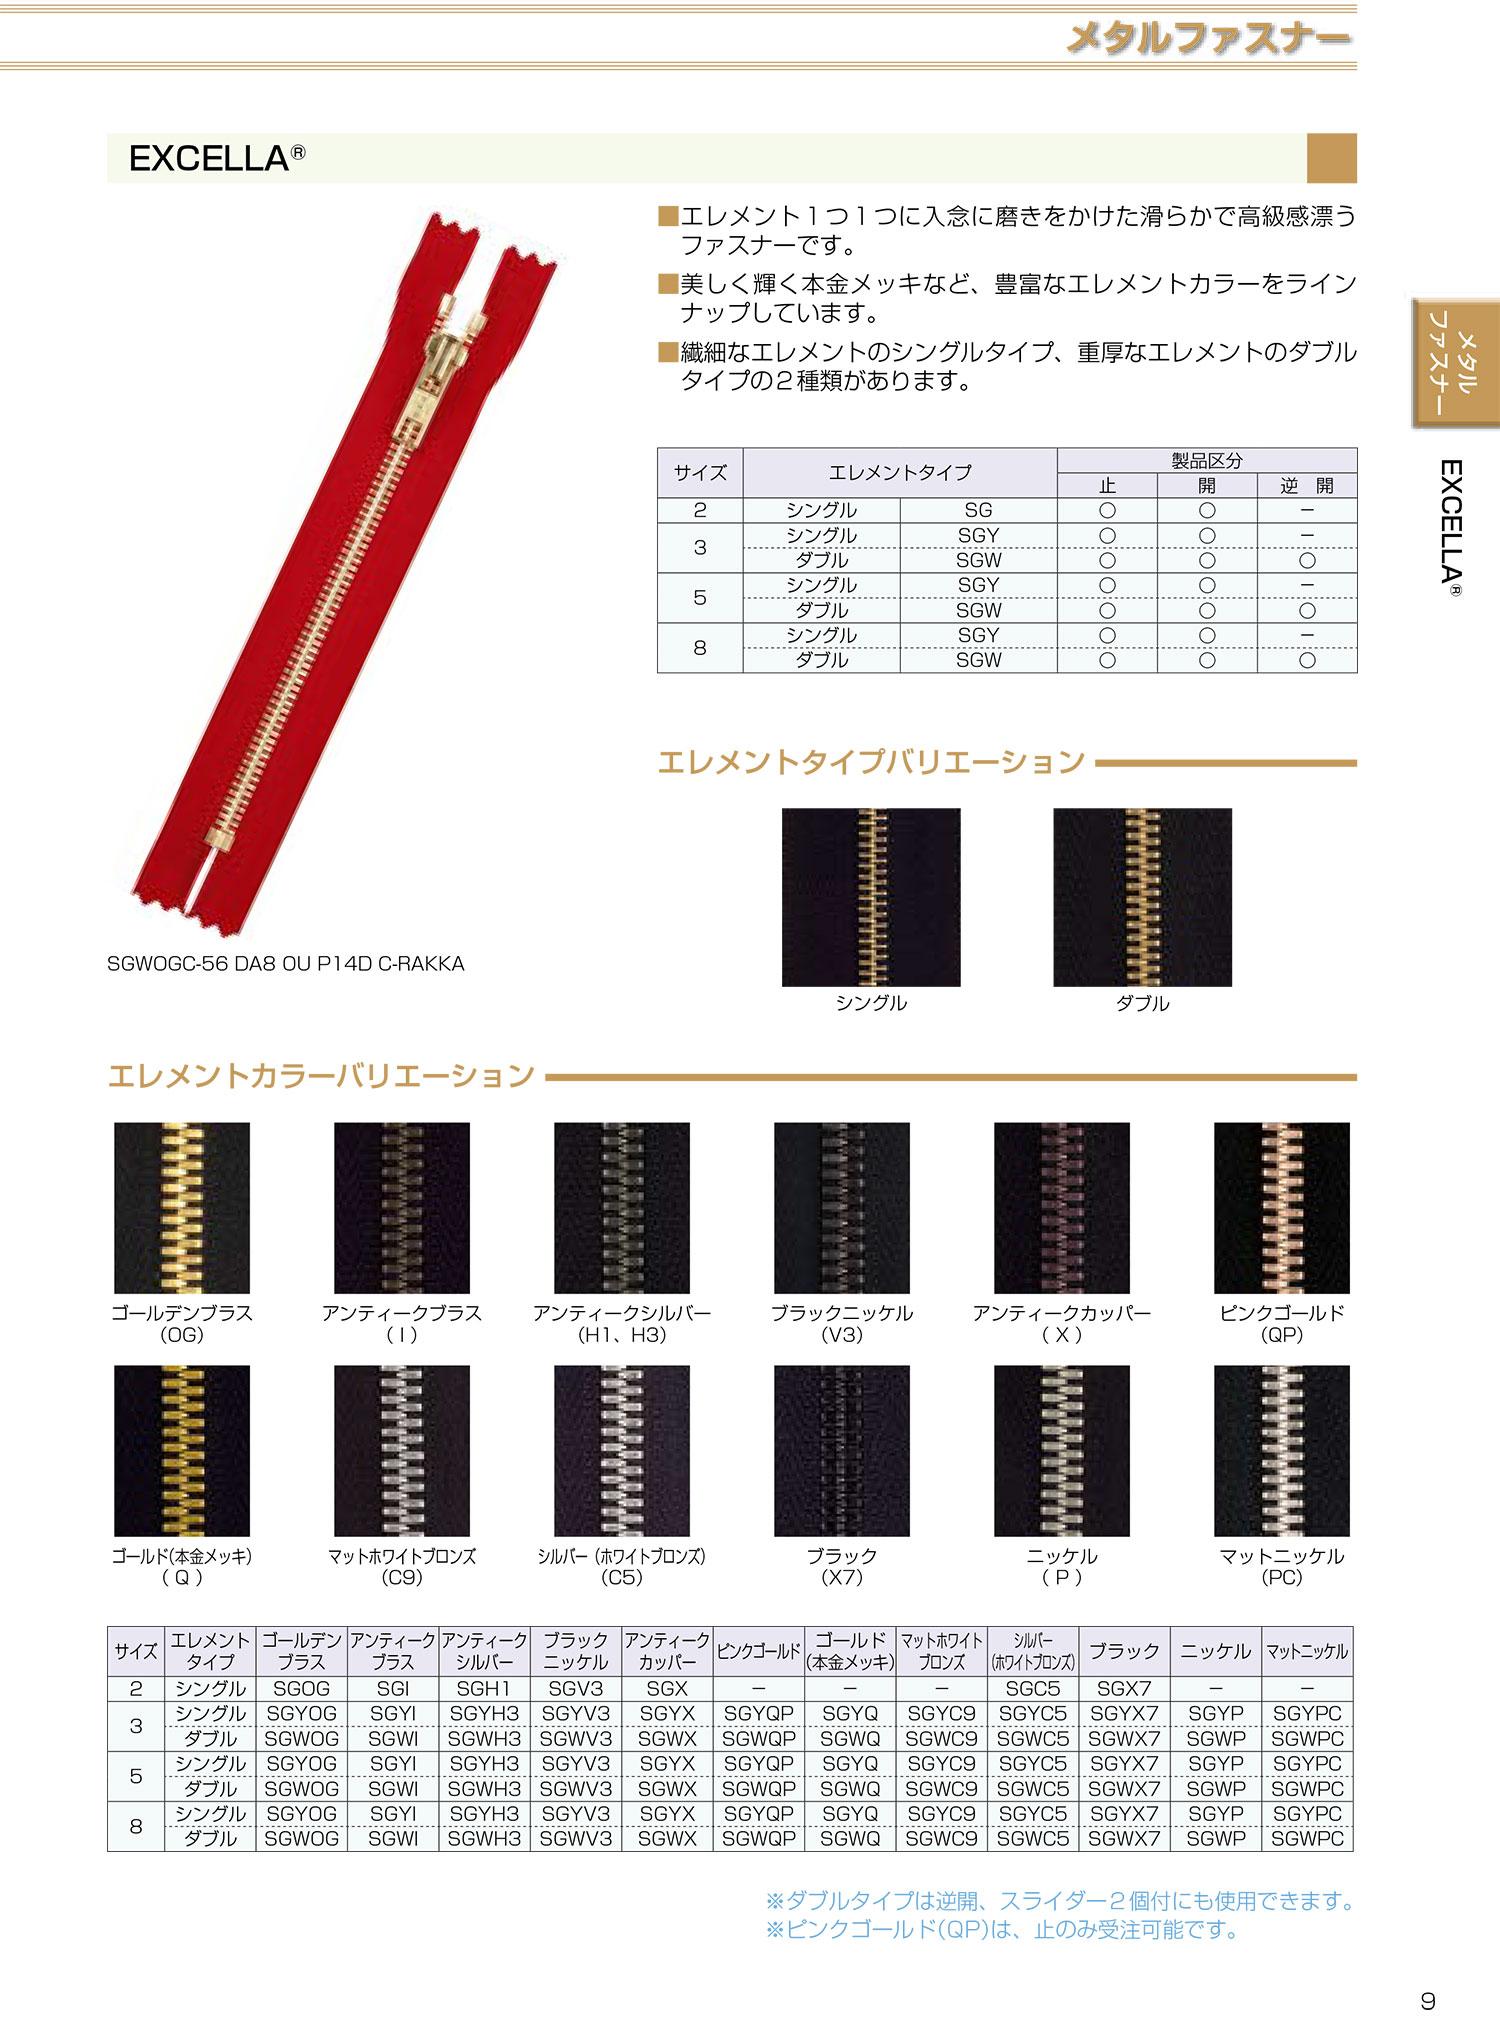 3SGWXOR エクセラ 3サイズ アンティークカッパー オープン ダブルダブル[ファスナー] YKK/オークラ商事 - ApparelX アパレル資材卸通販